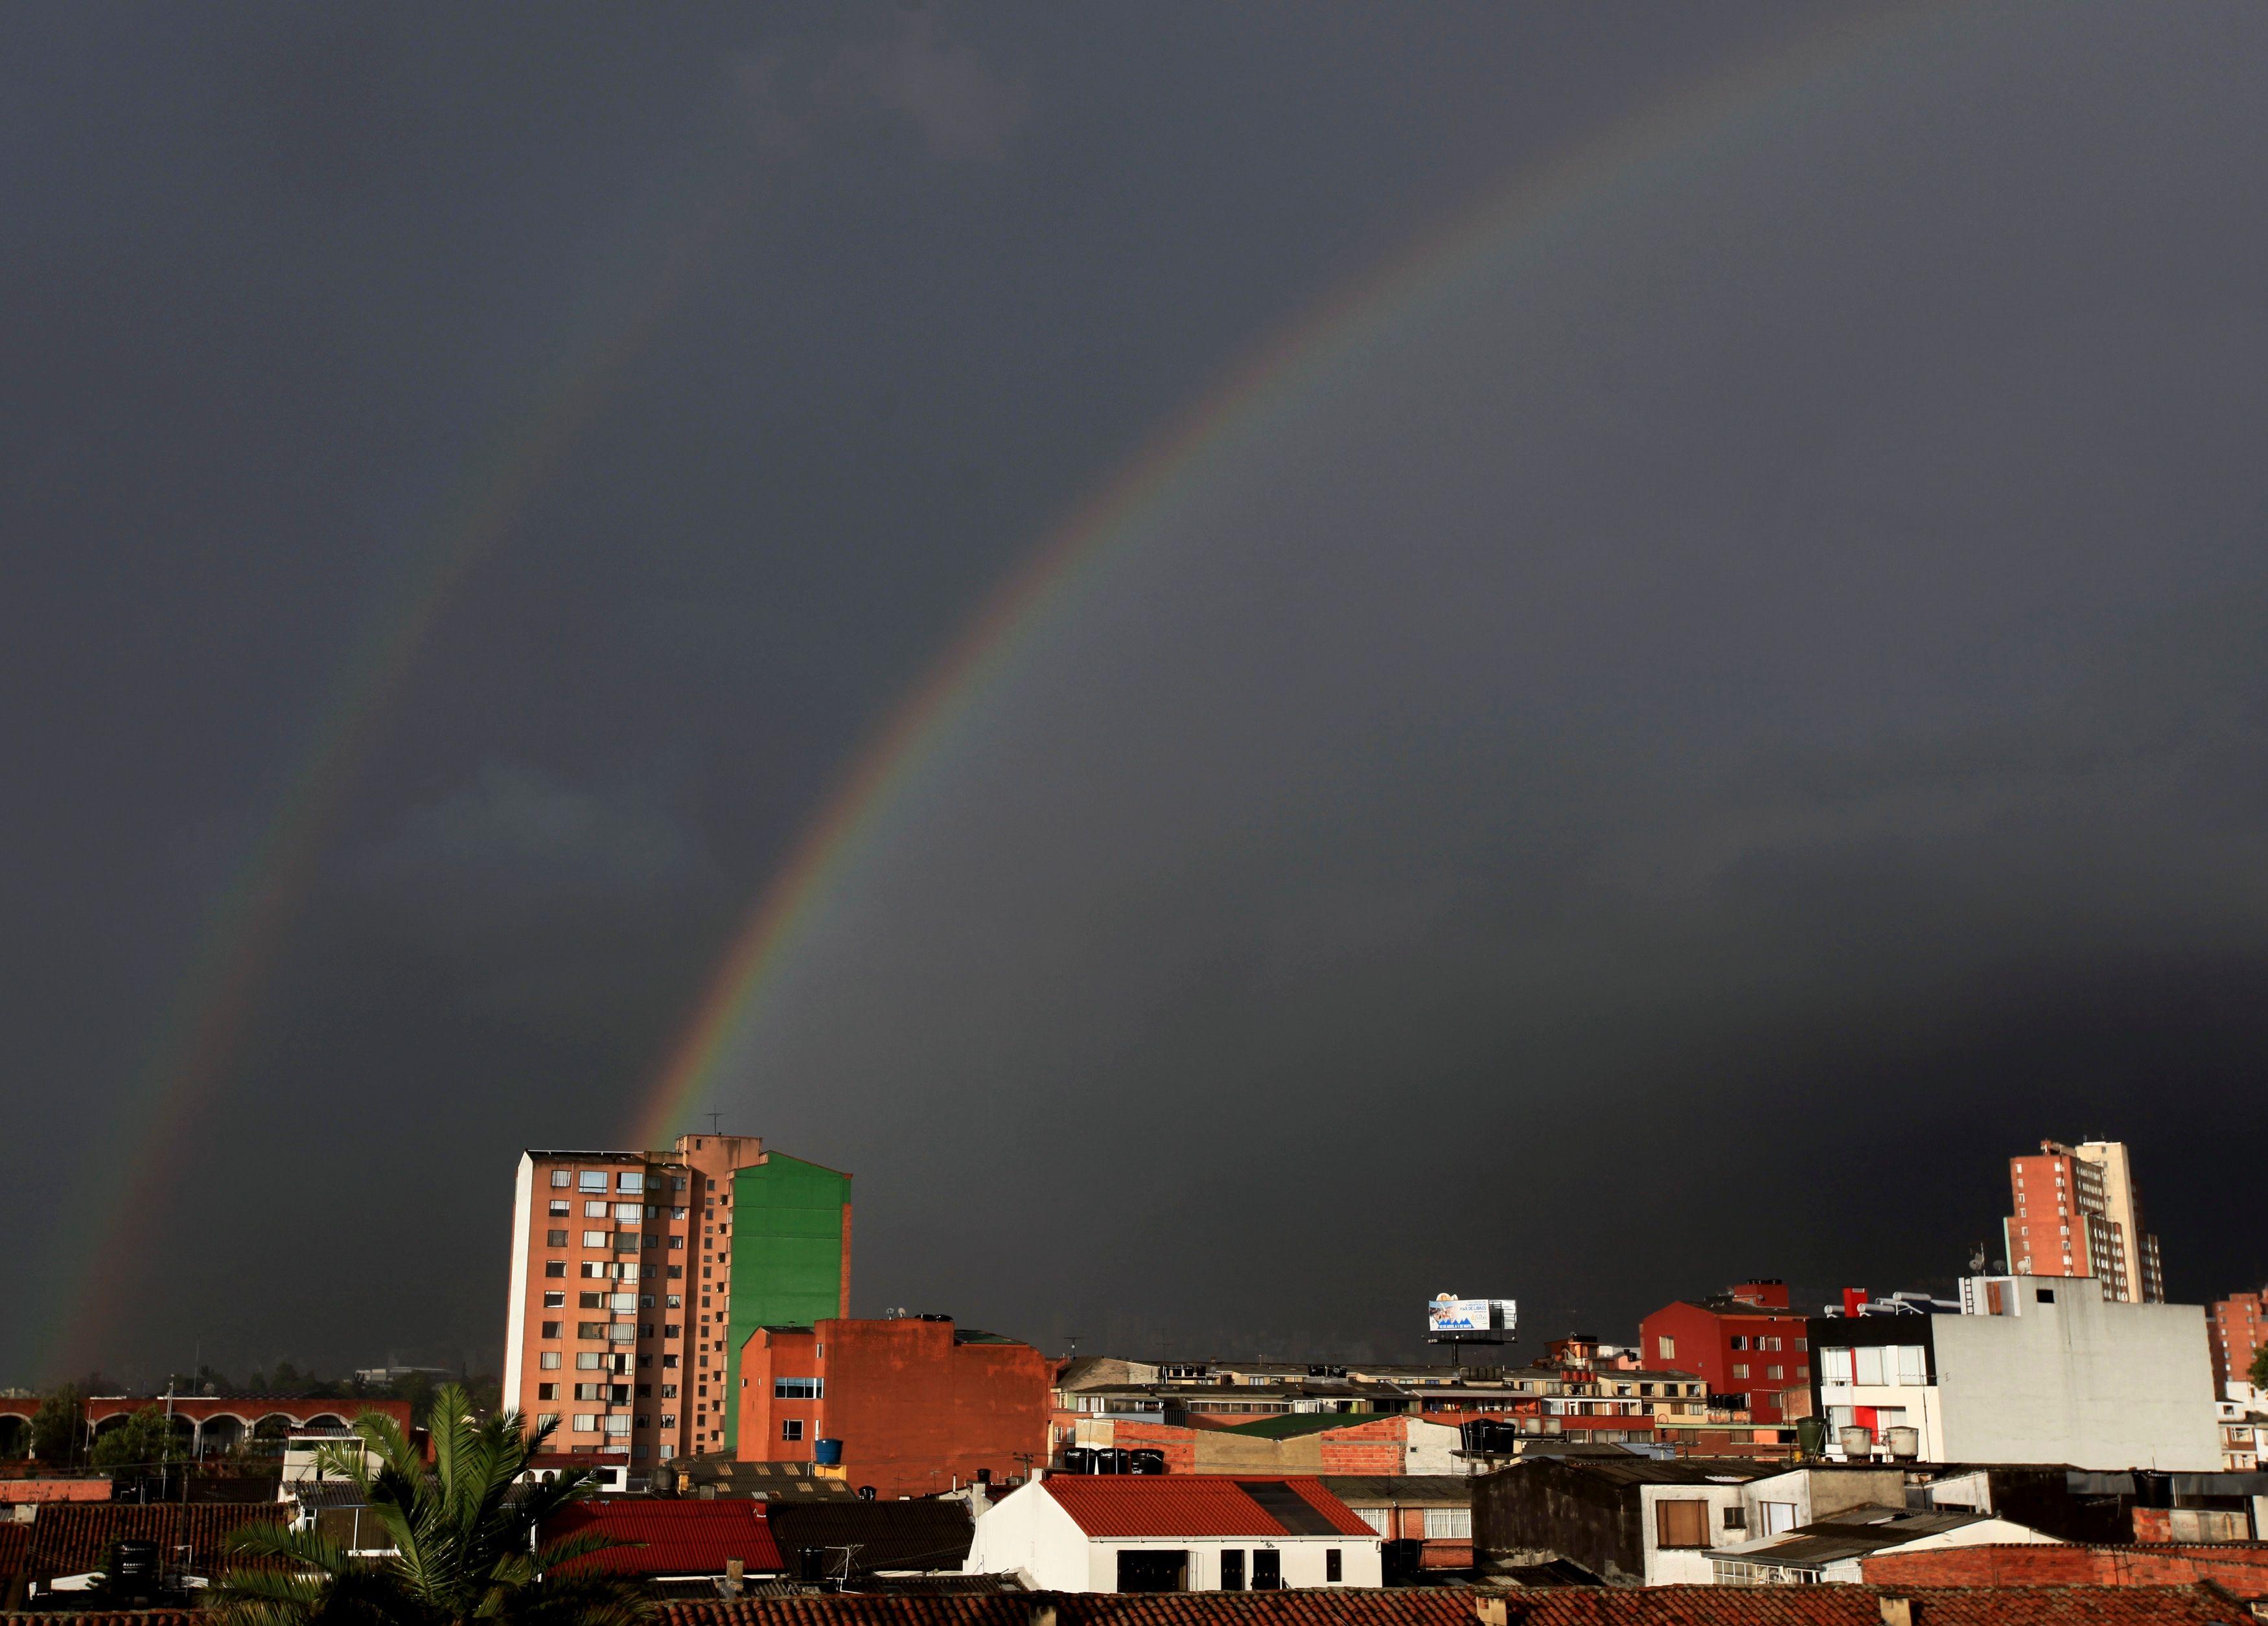 Vue de la ville de Bogotá.